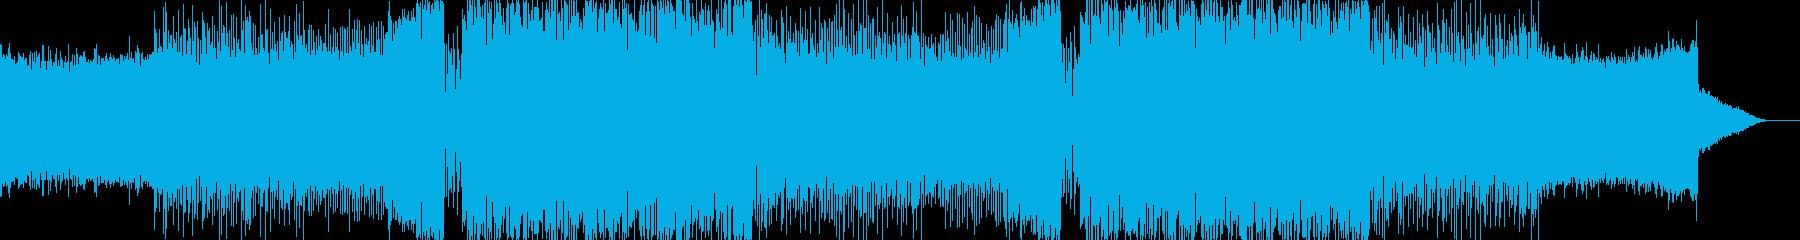 EDM、凶悪なワブルベースのダブステップの再生済みの波形